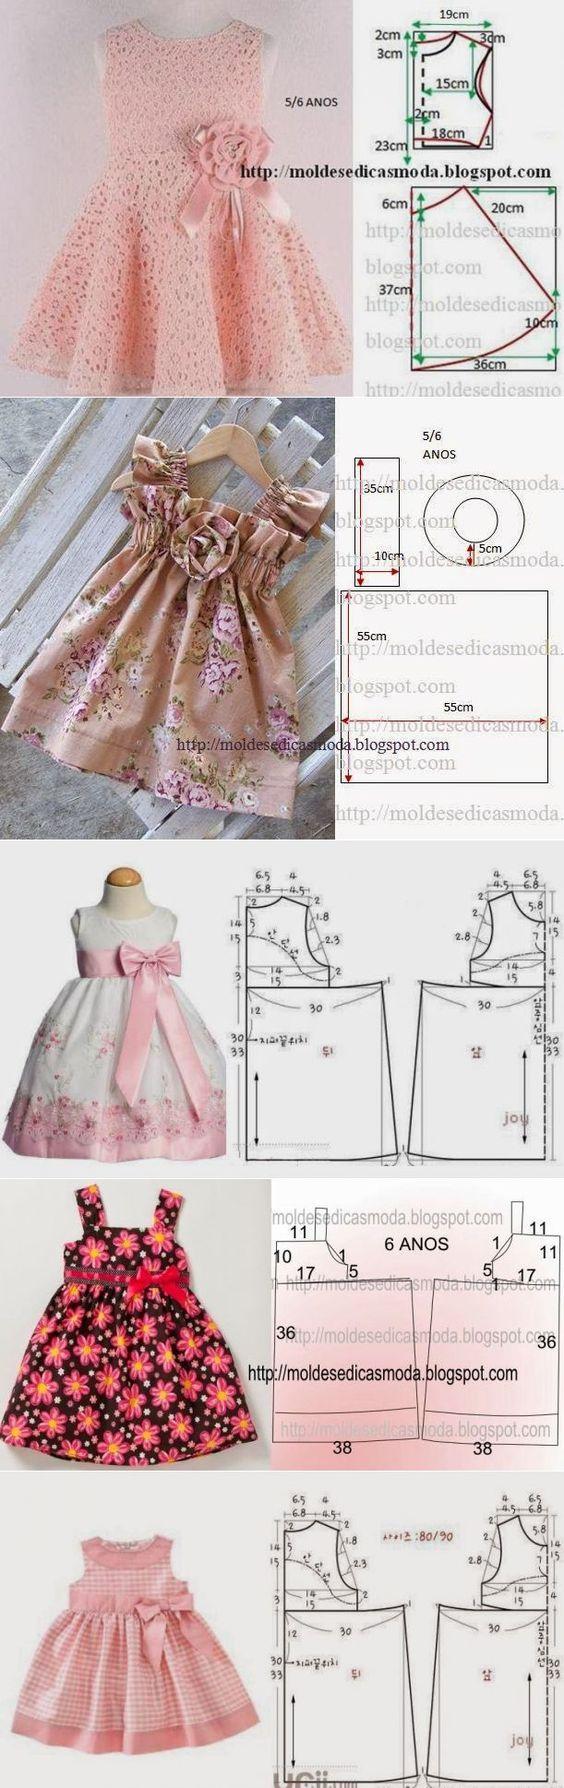 Coser a sus hijos! .. Una selección de modelos de ropa para niños ...